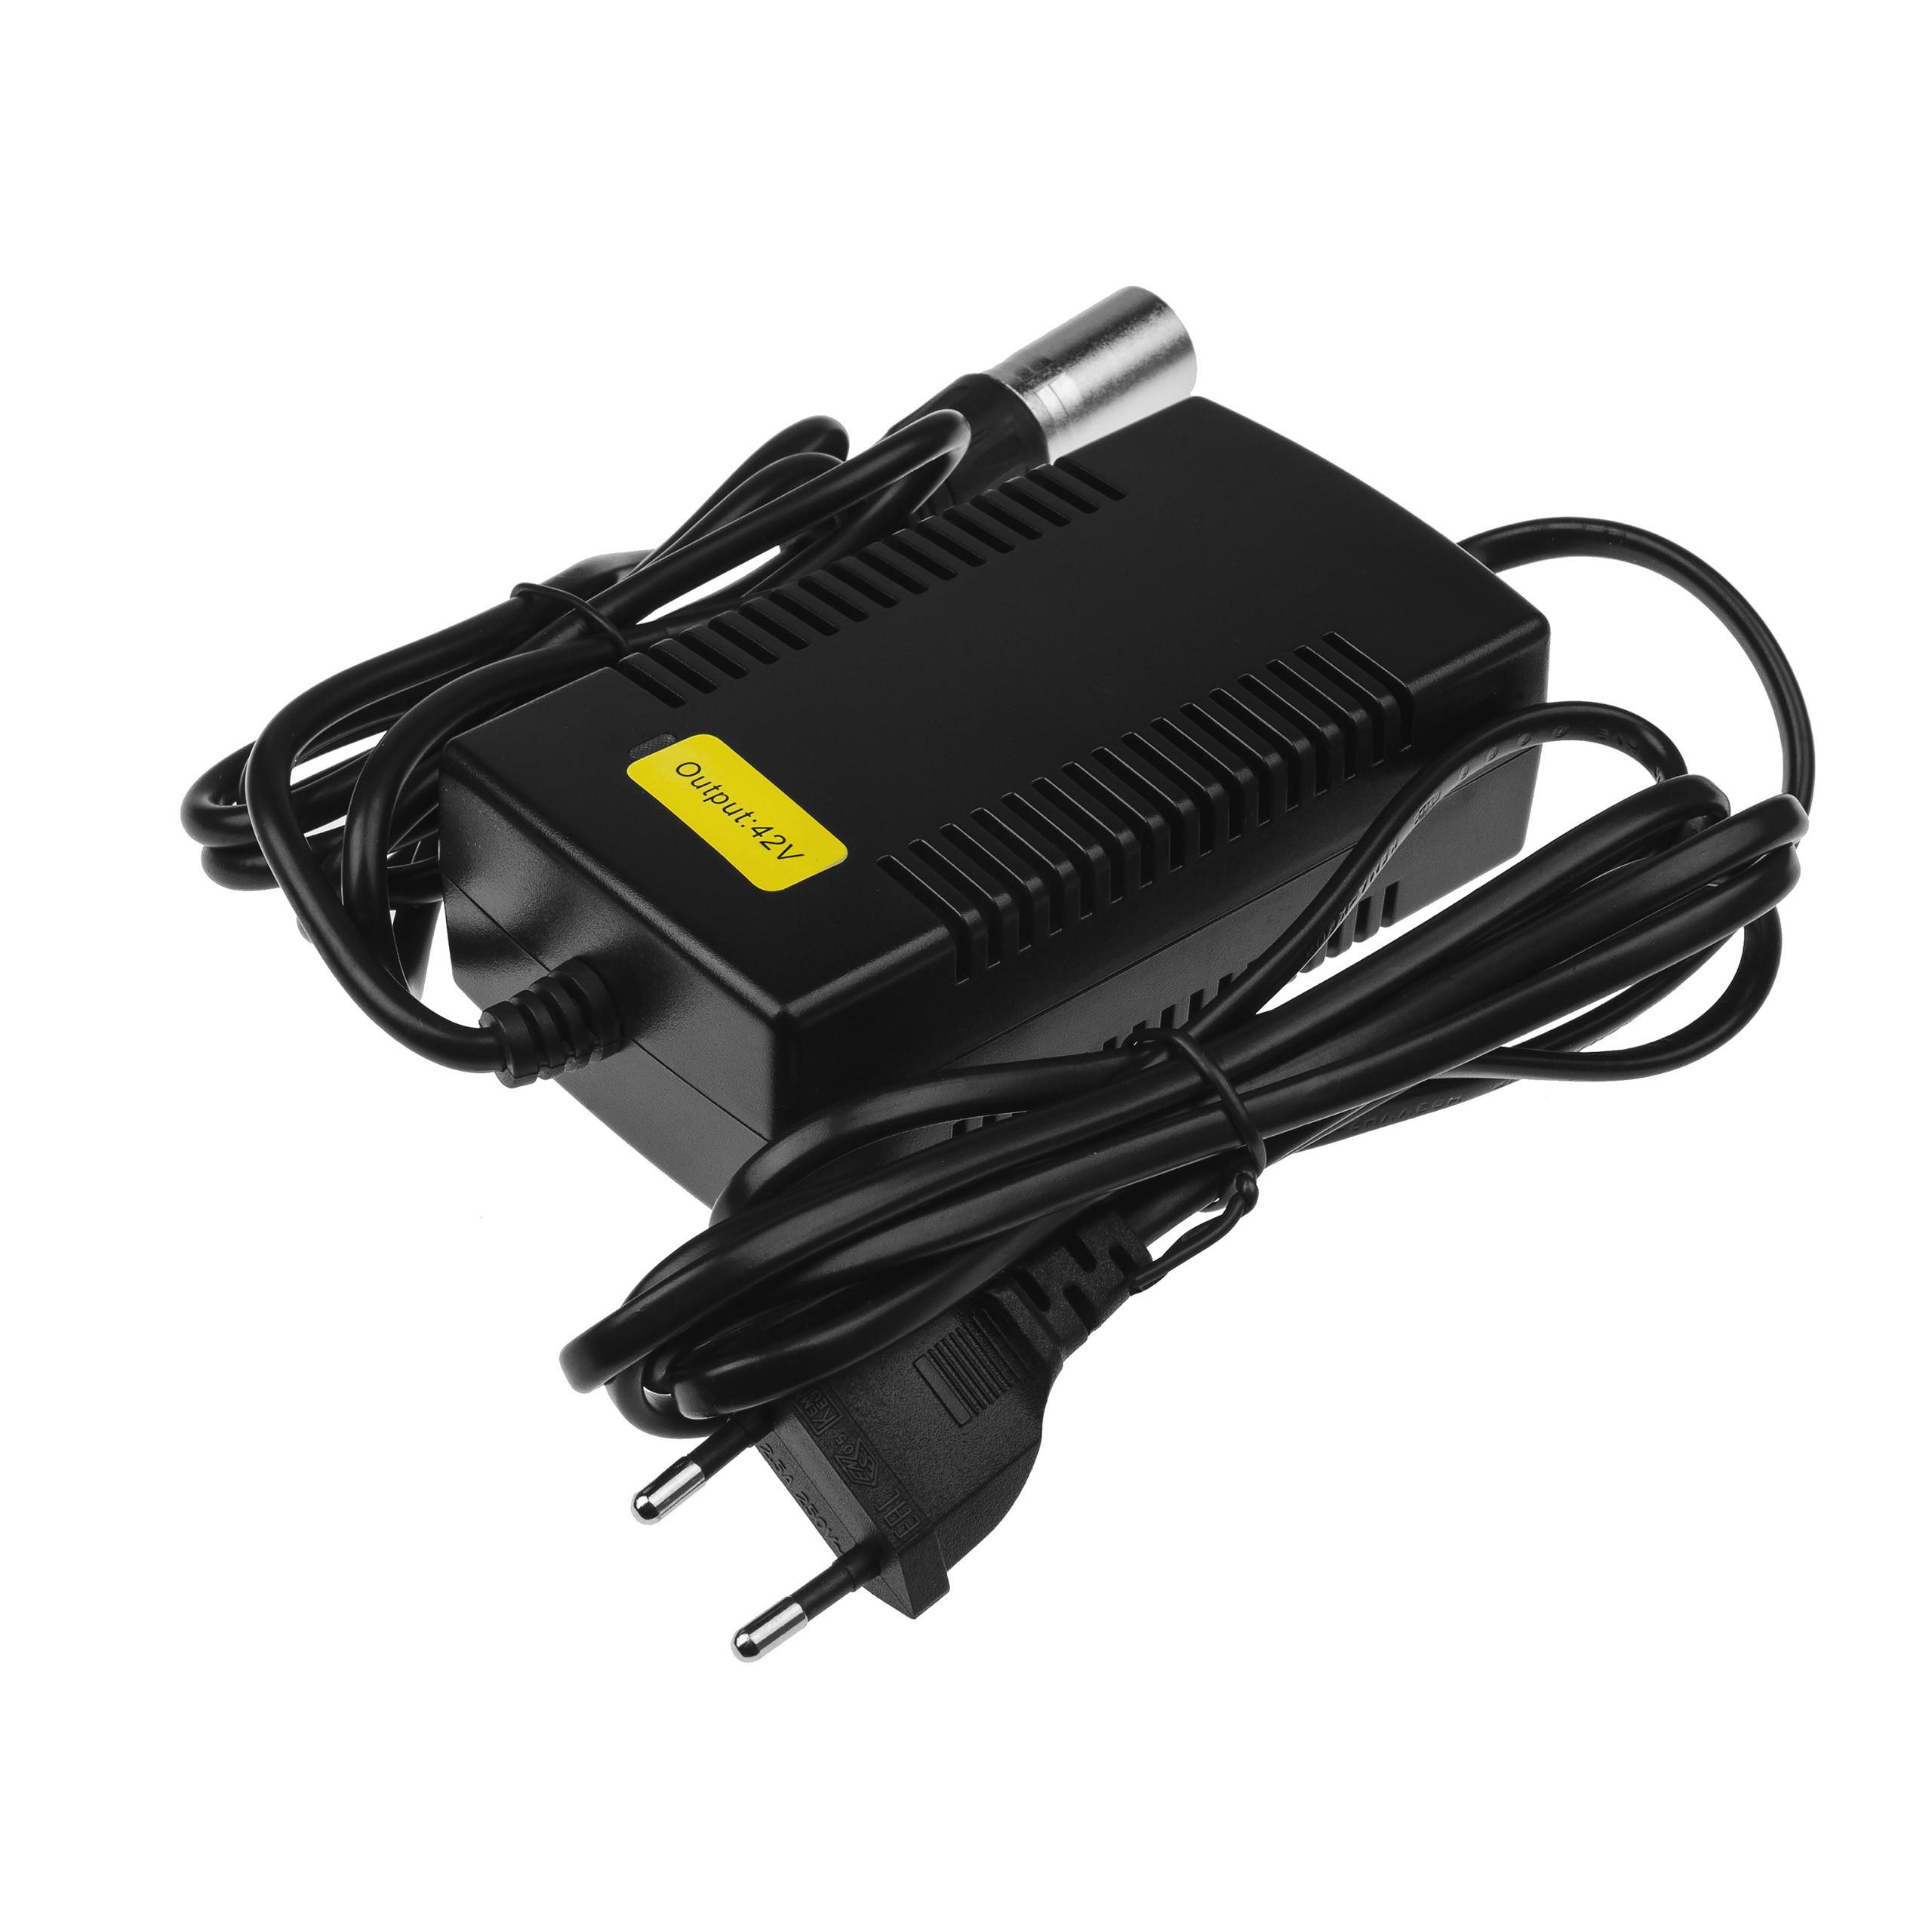 Adaptér 42V 2A pro baterie elektrického kola 36V